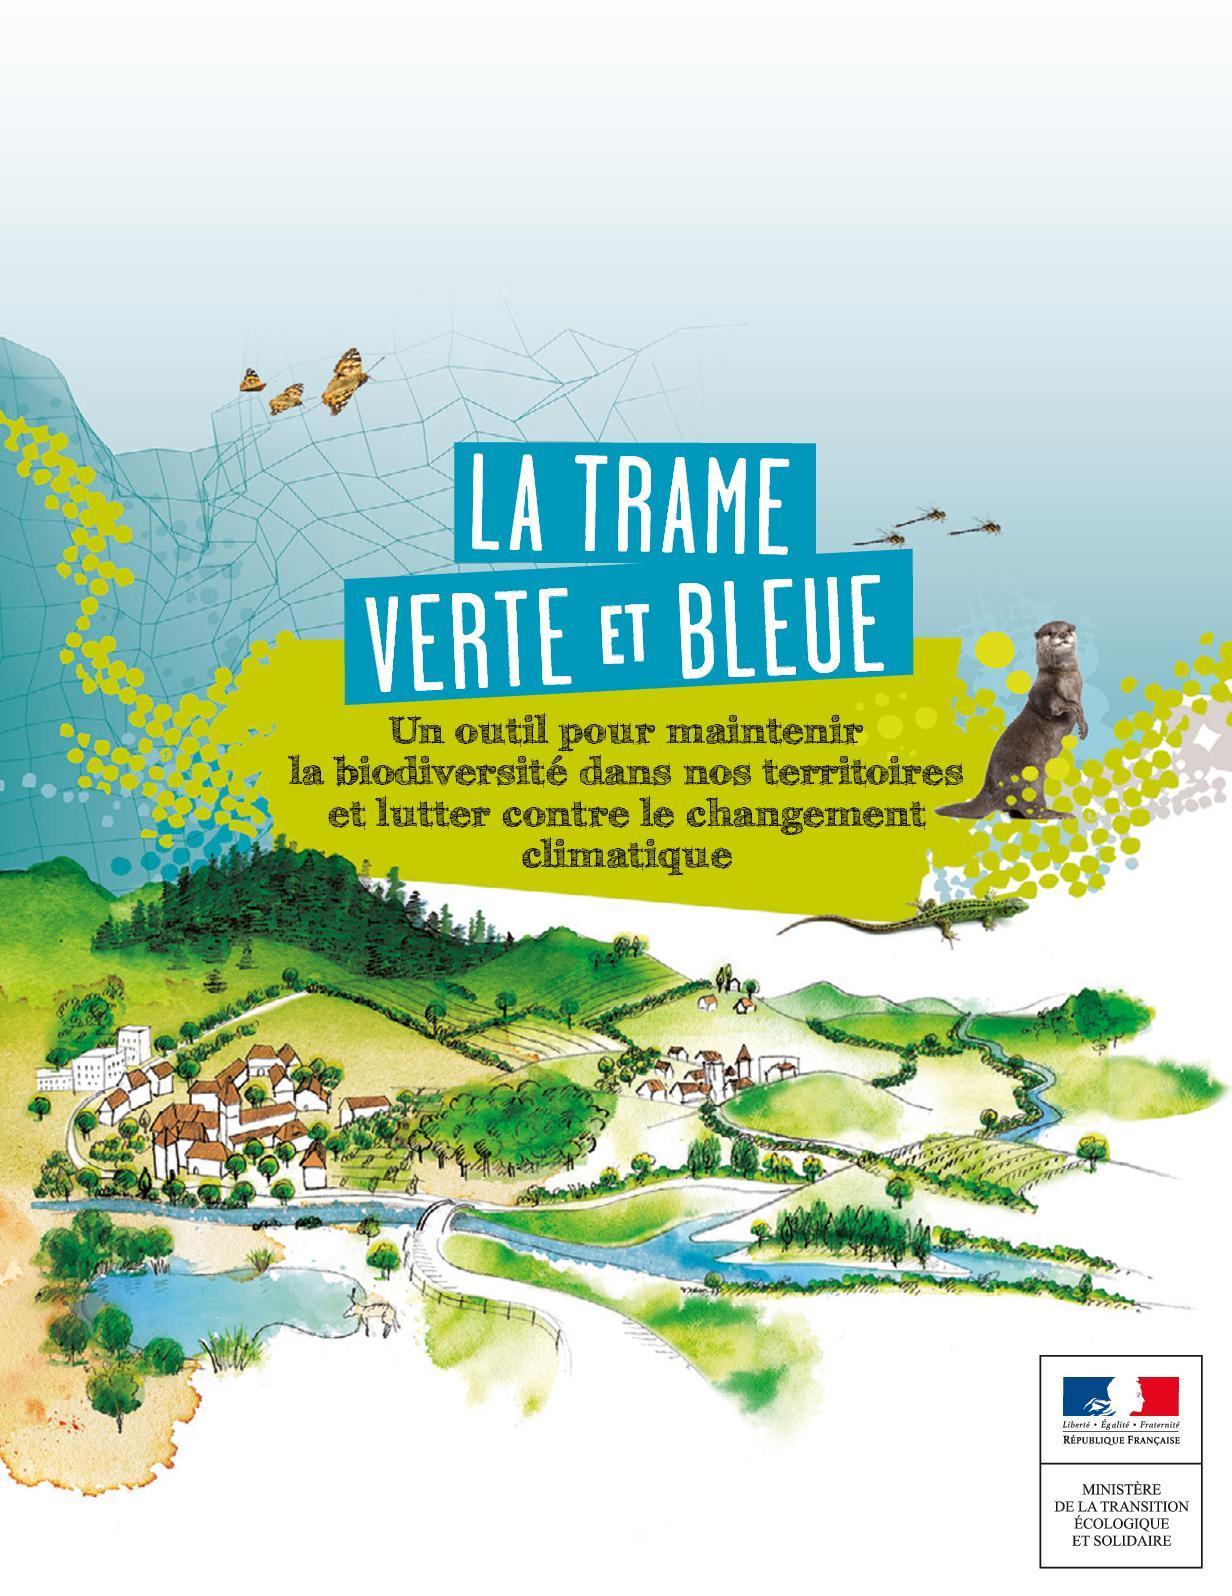 La trame verte et bleue. Un outil pour maintenir la biodiversité dans nos territoires et lutter contre le changement climatique